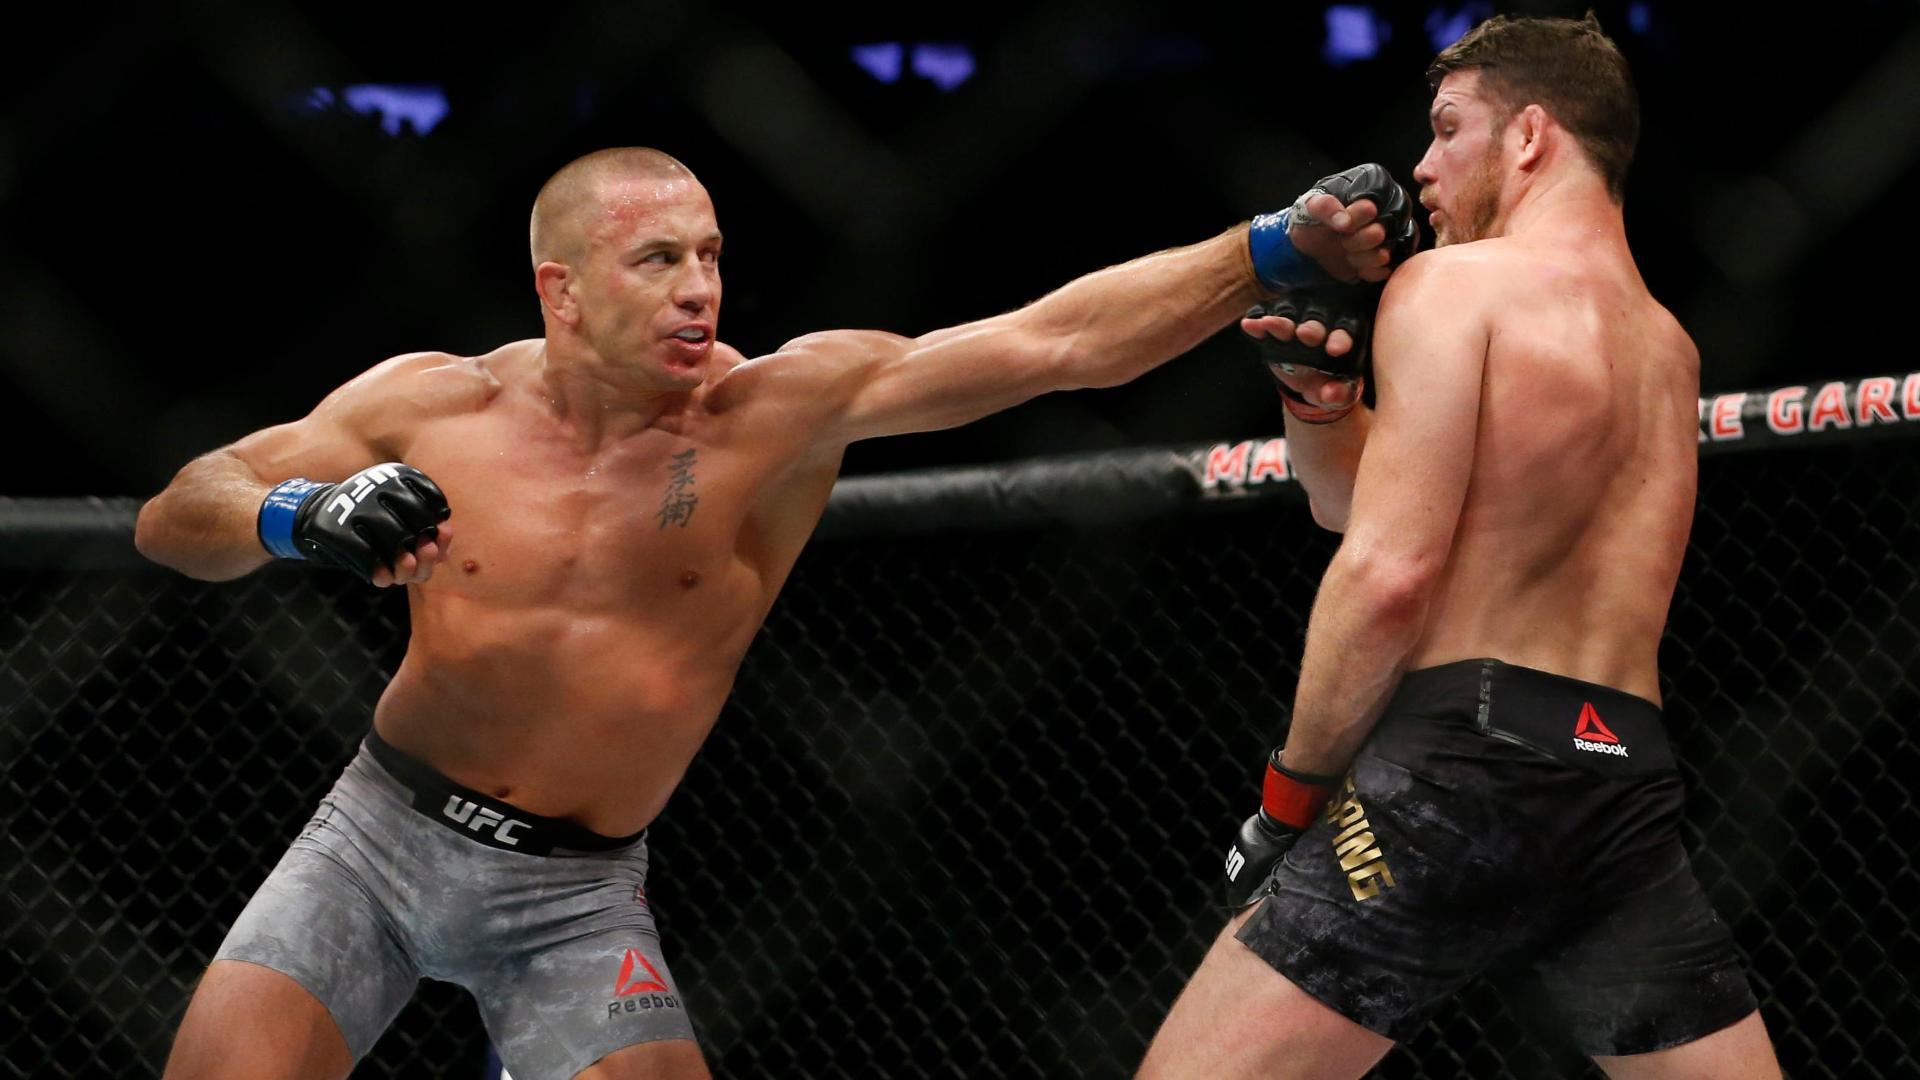 http://www.fightsports.tv/wp-content/uploads/dm_171105_UFC_bisping_gsp_hl389.jpg